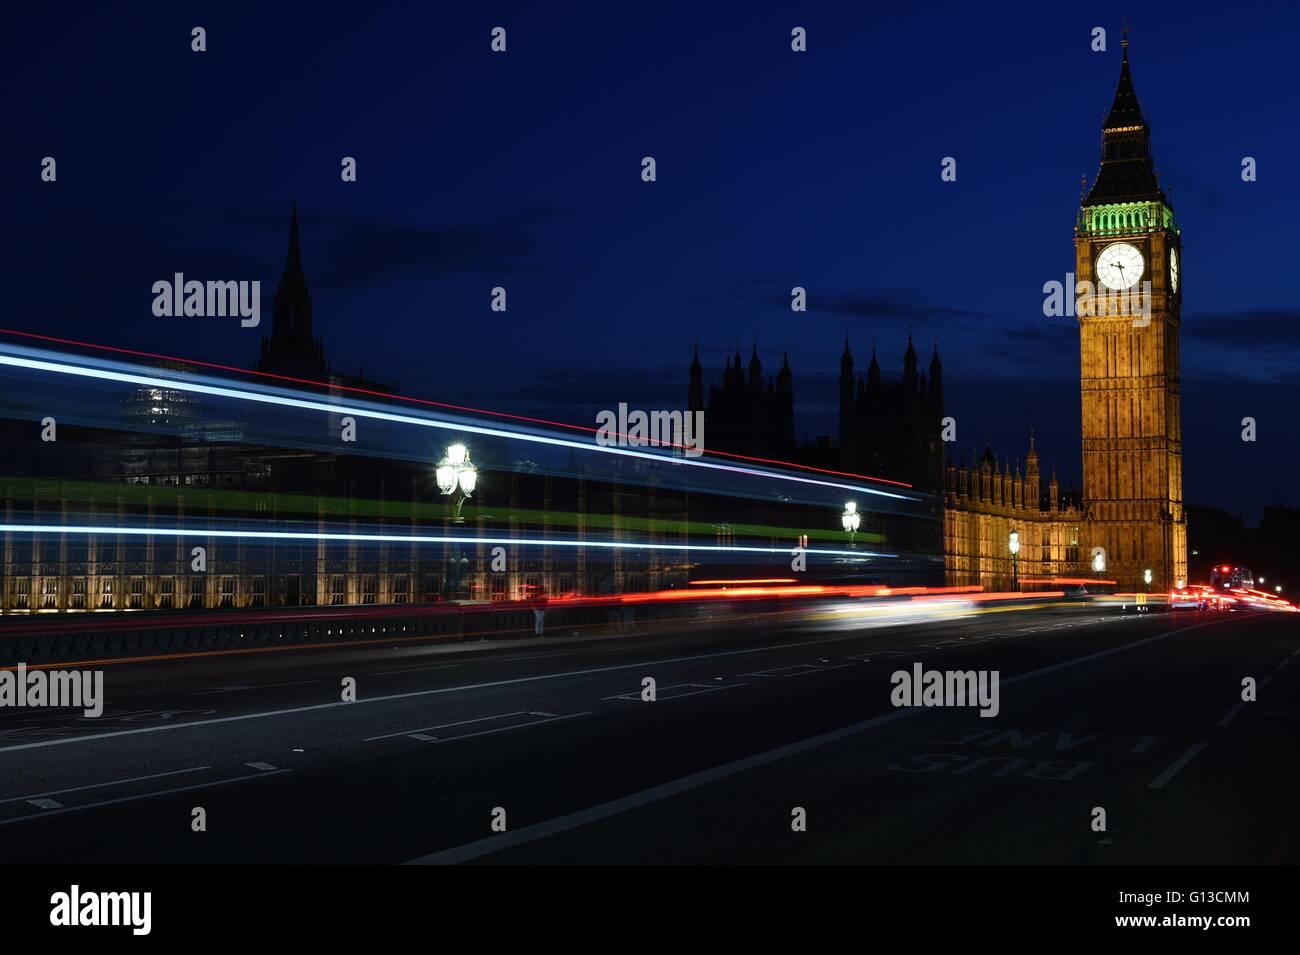 Nachtaufnahme von Big Ben mit Lichtspuren Stockbild